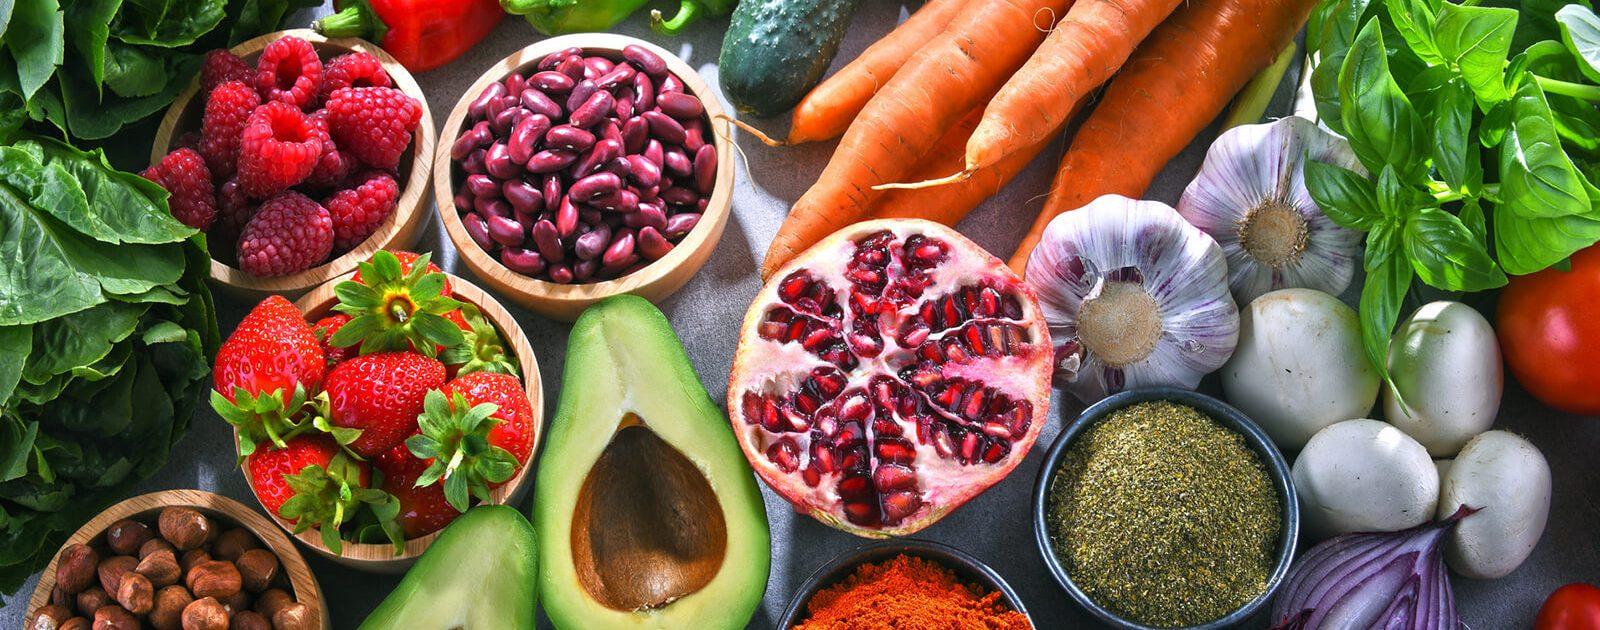 Verschiedenes Obst und Gemüse, die wichtige Vitalstoffe enthalten.